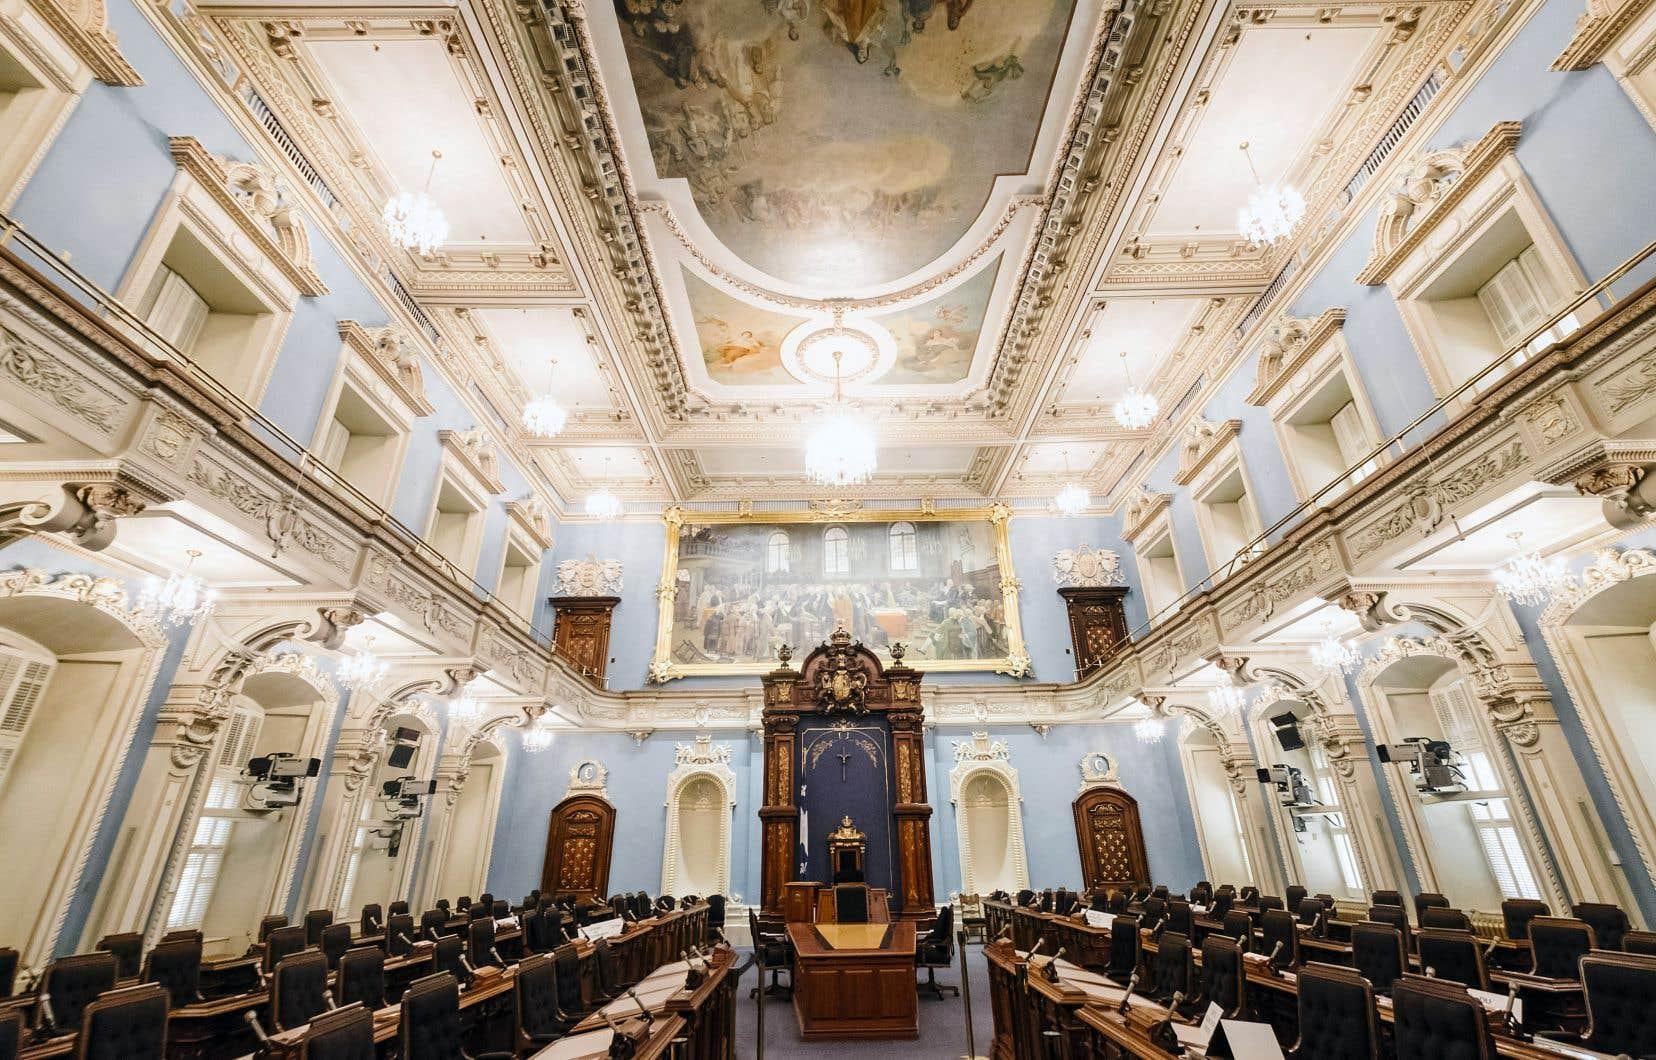 Le 8avril 1886, les parlementaires font leur entrée au salon Bleu (notre photo), dont les murs sont alors verts. Ils sont repeints en 1978 pour améliorer la télédiffusion des débats.